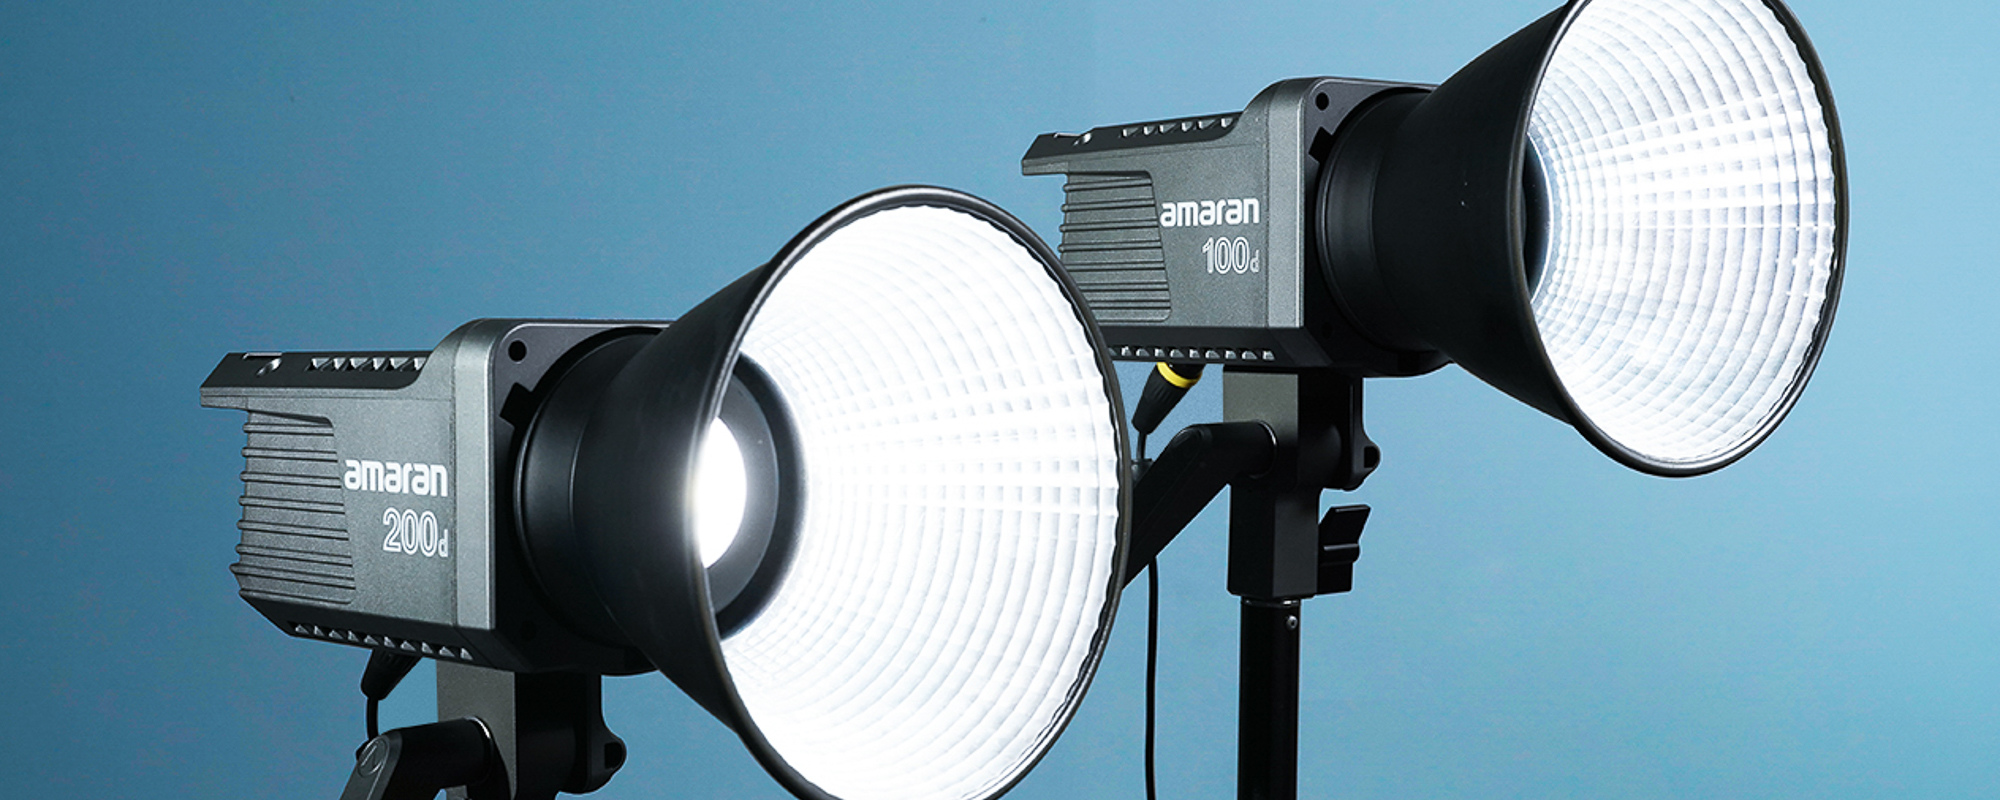 Lampa LED Amaran 100d - Dzienna temperatura barowa